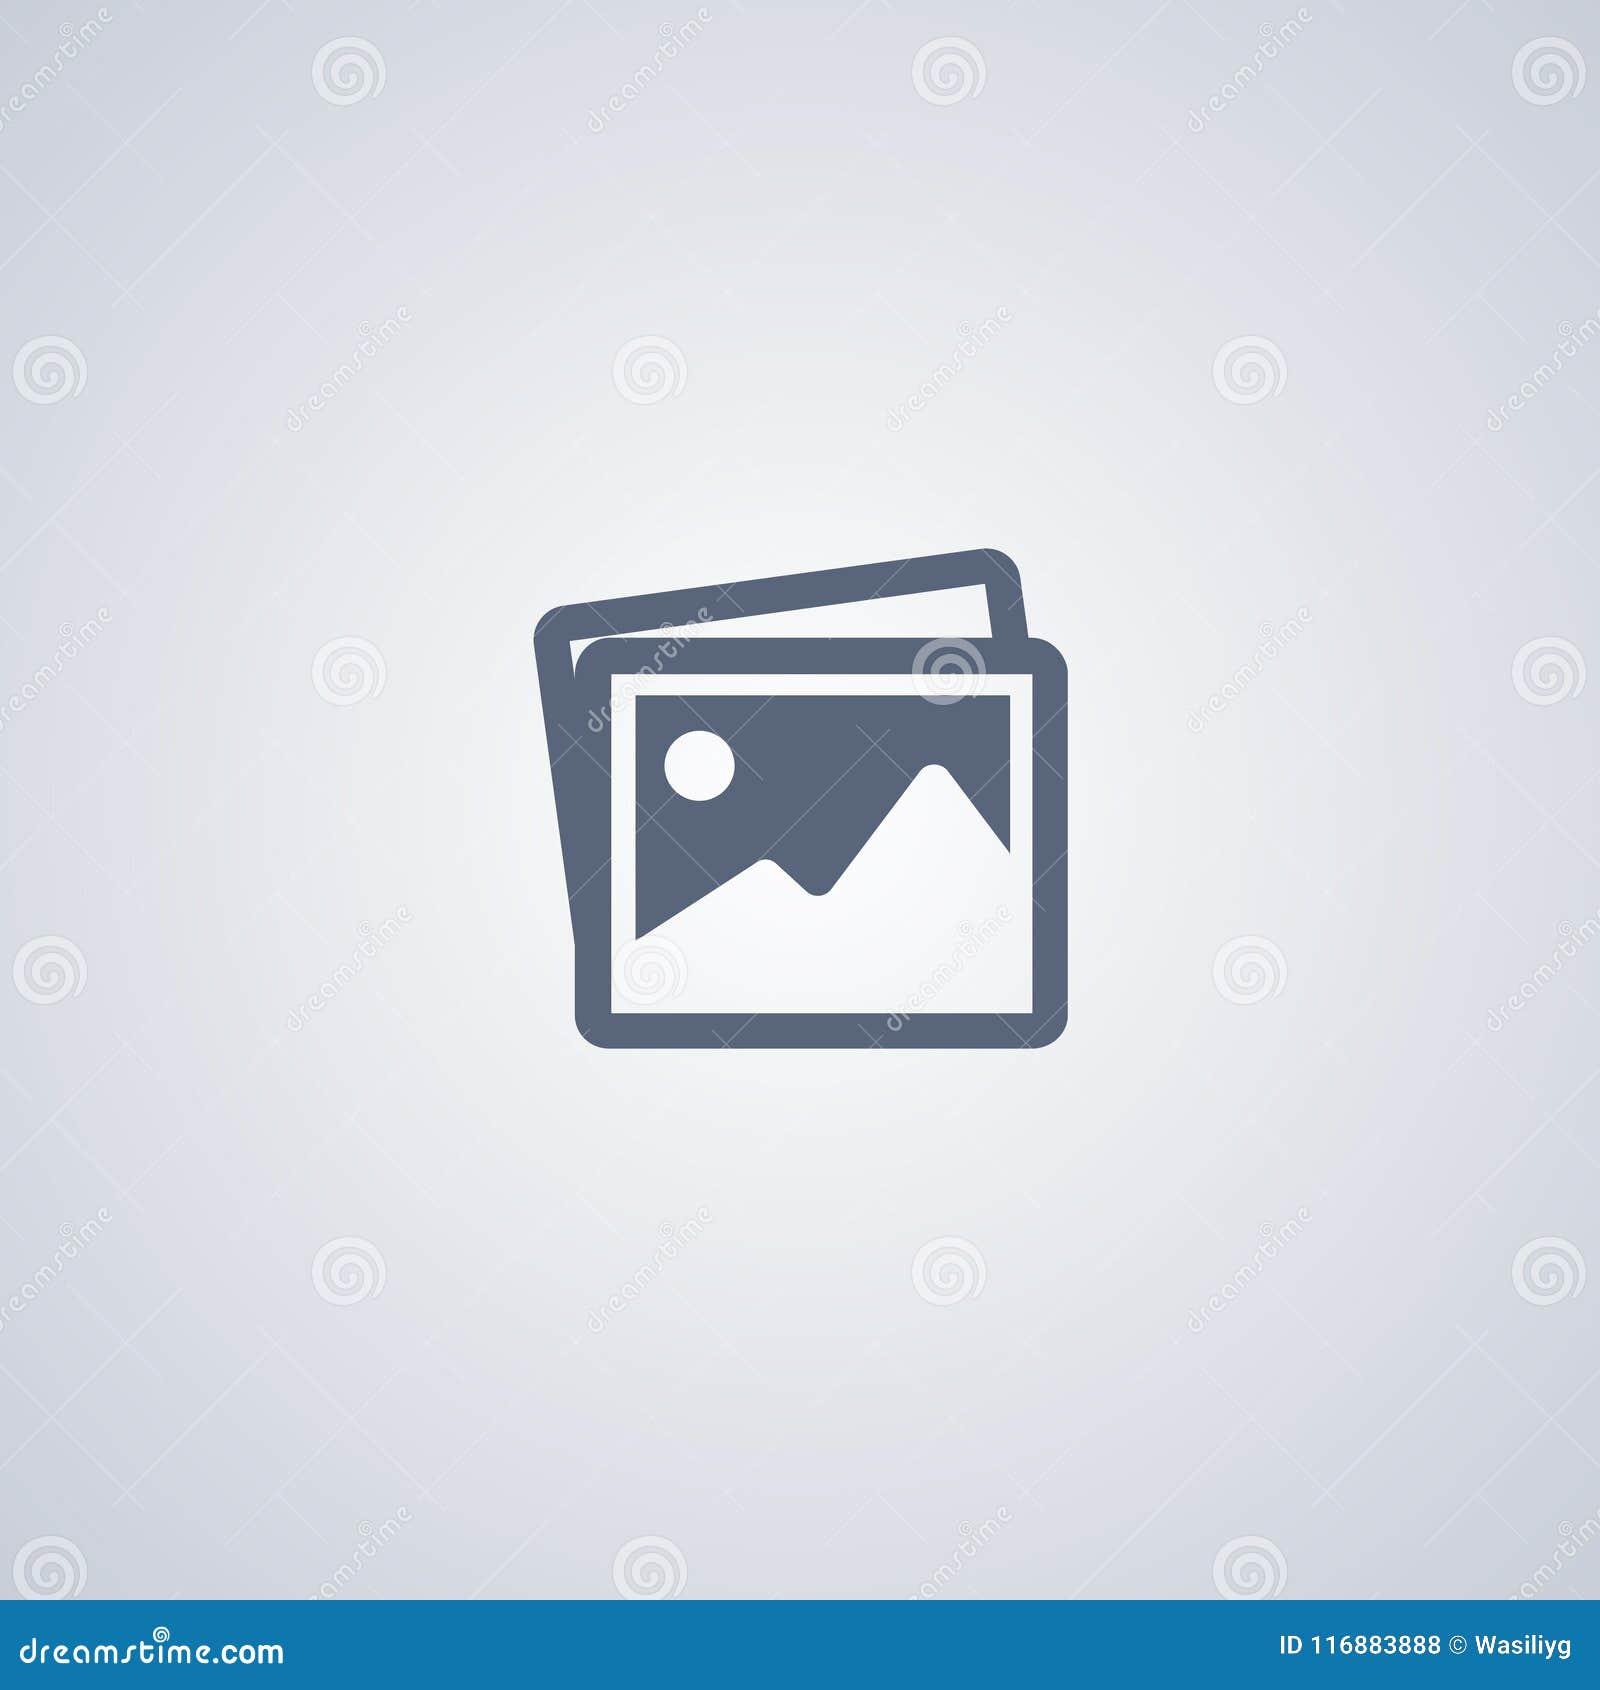 Fotogalerij, vector beste vlak pictogram